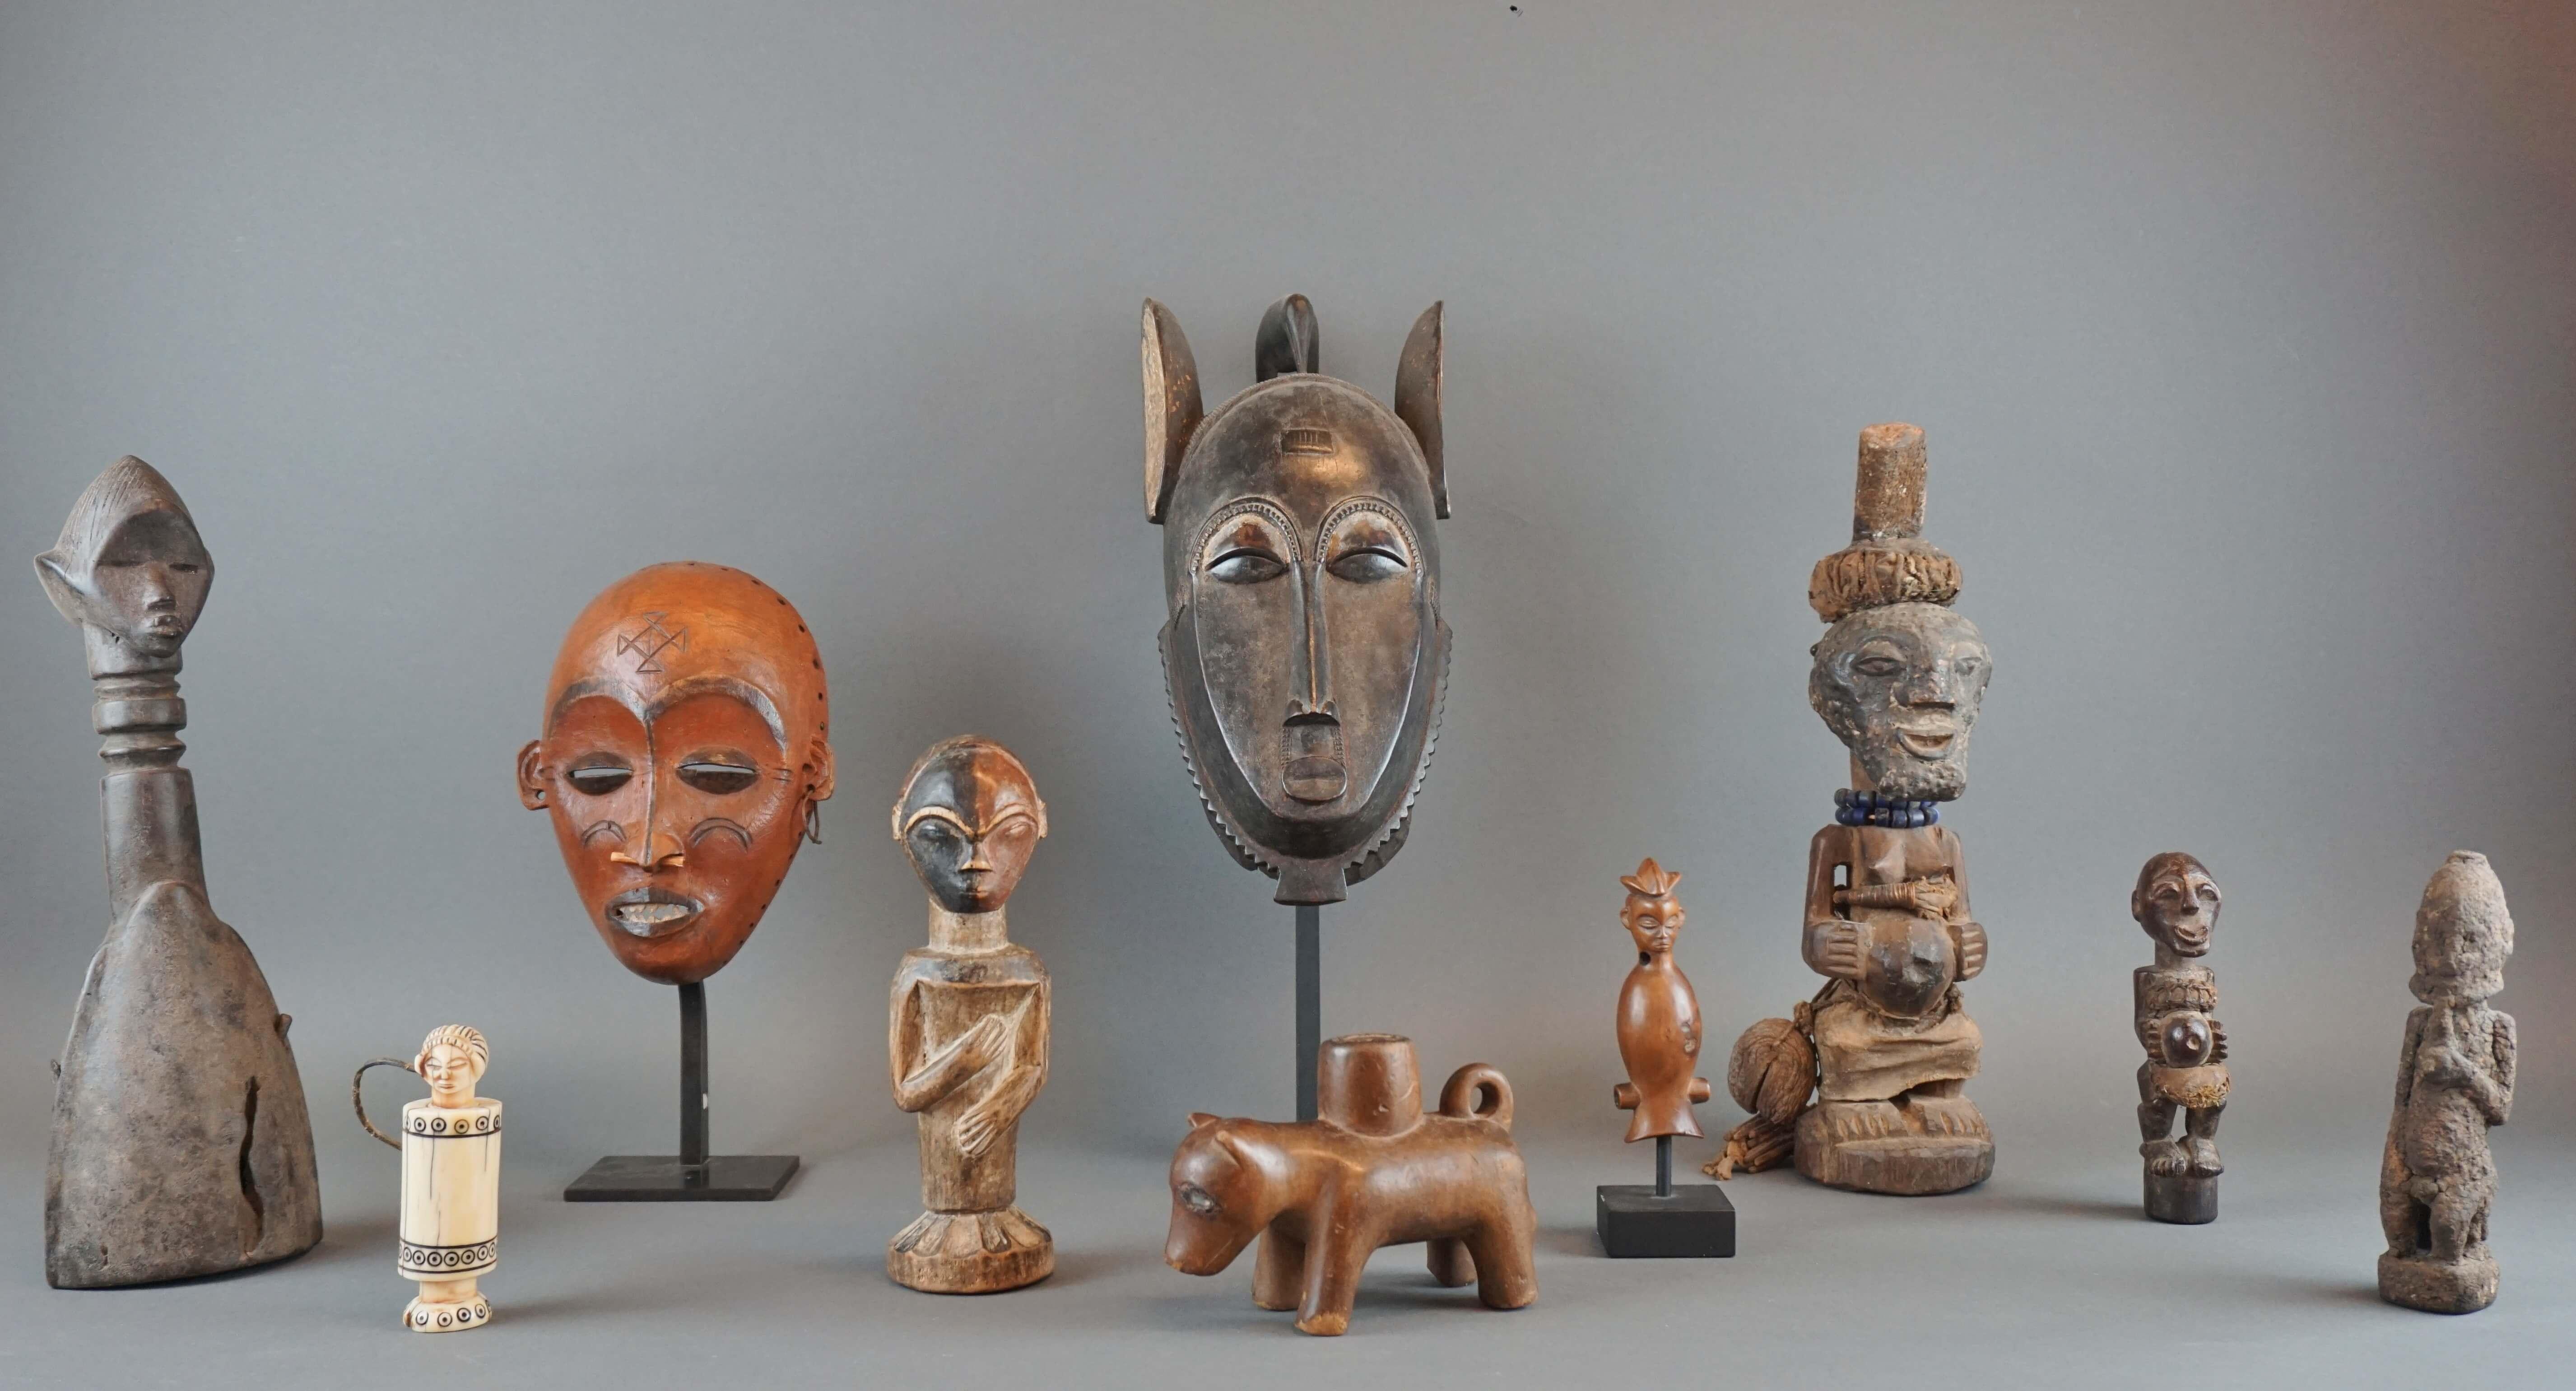 Vente Arts d'Afrique et d'Océanie chez Hôtel des Ventes Legros : 214 lots